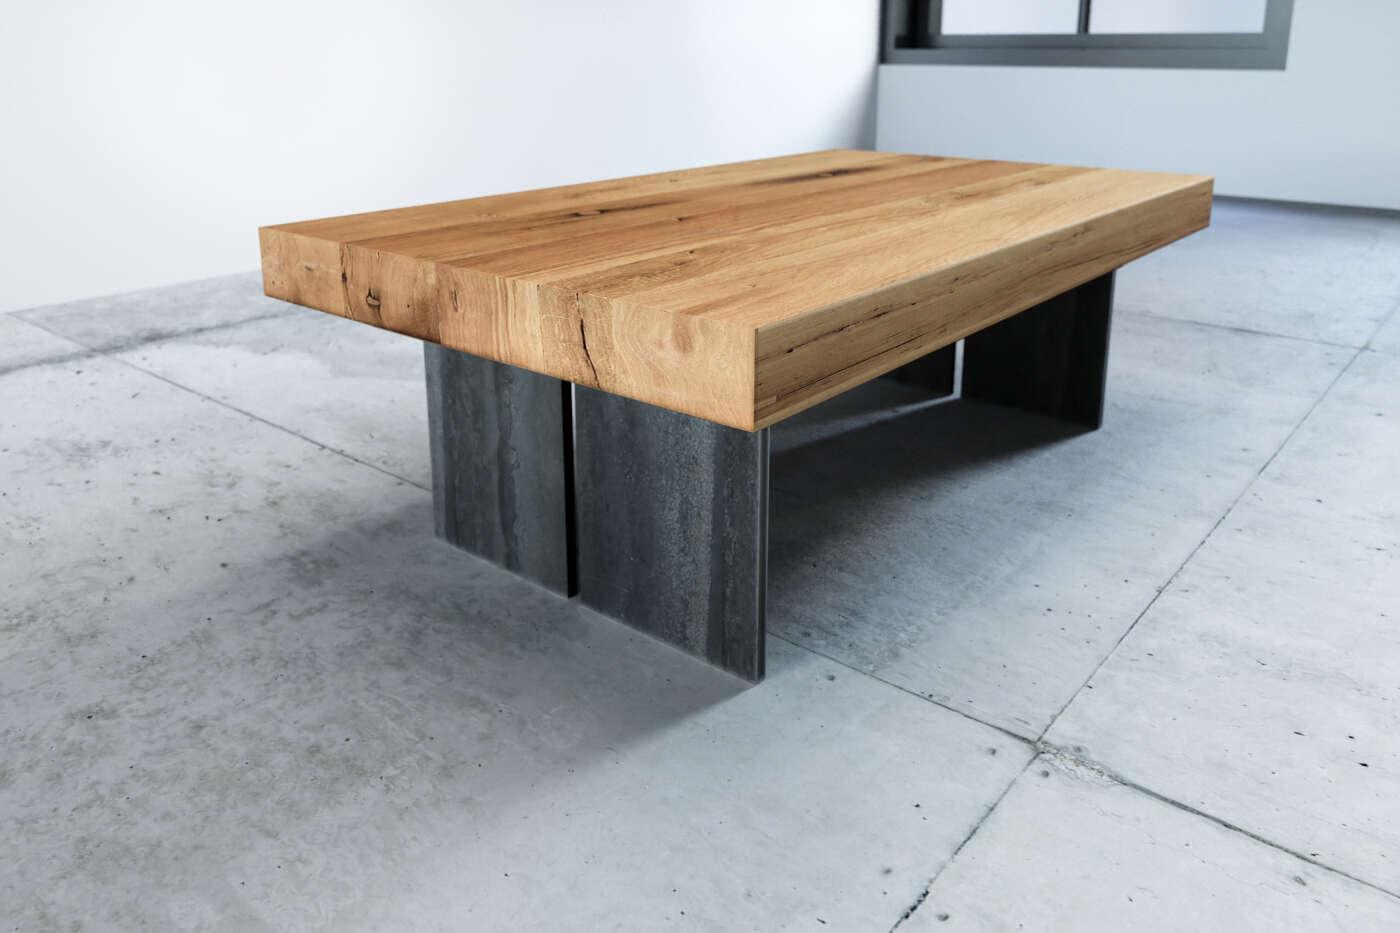 Holz Tisch Couch alte Eiche Raik | wohnsektion